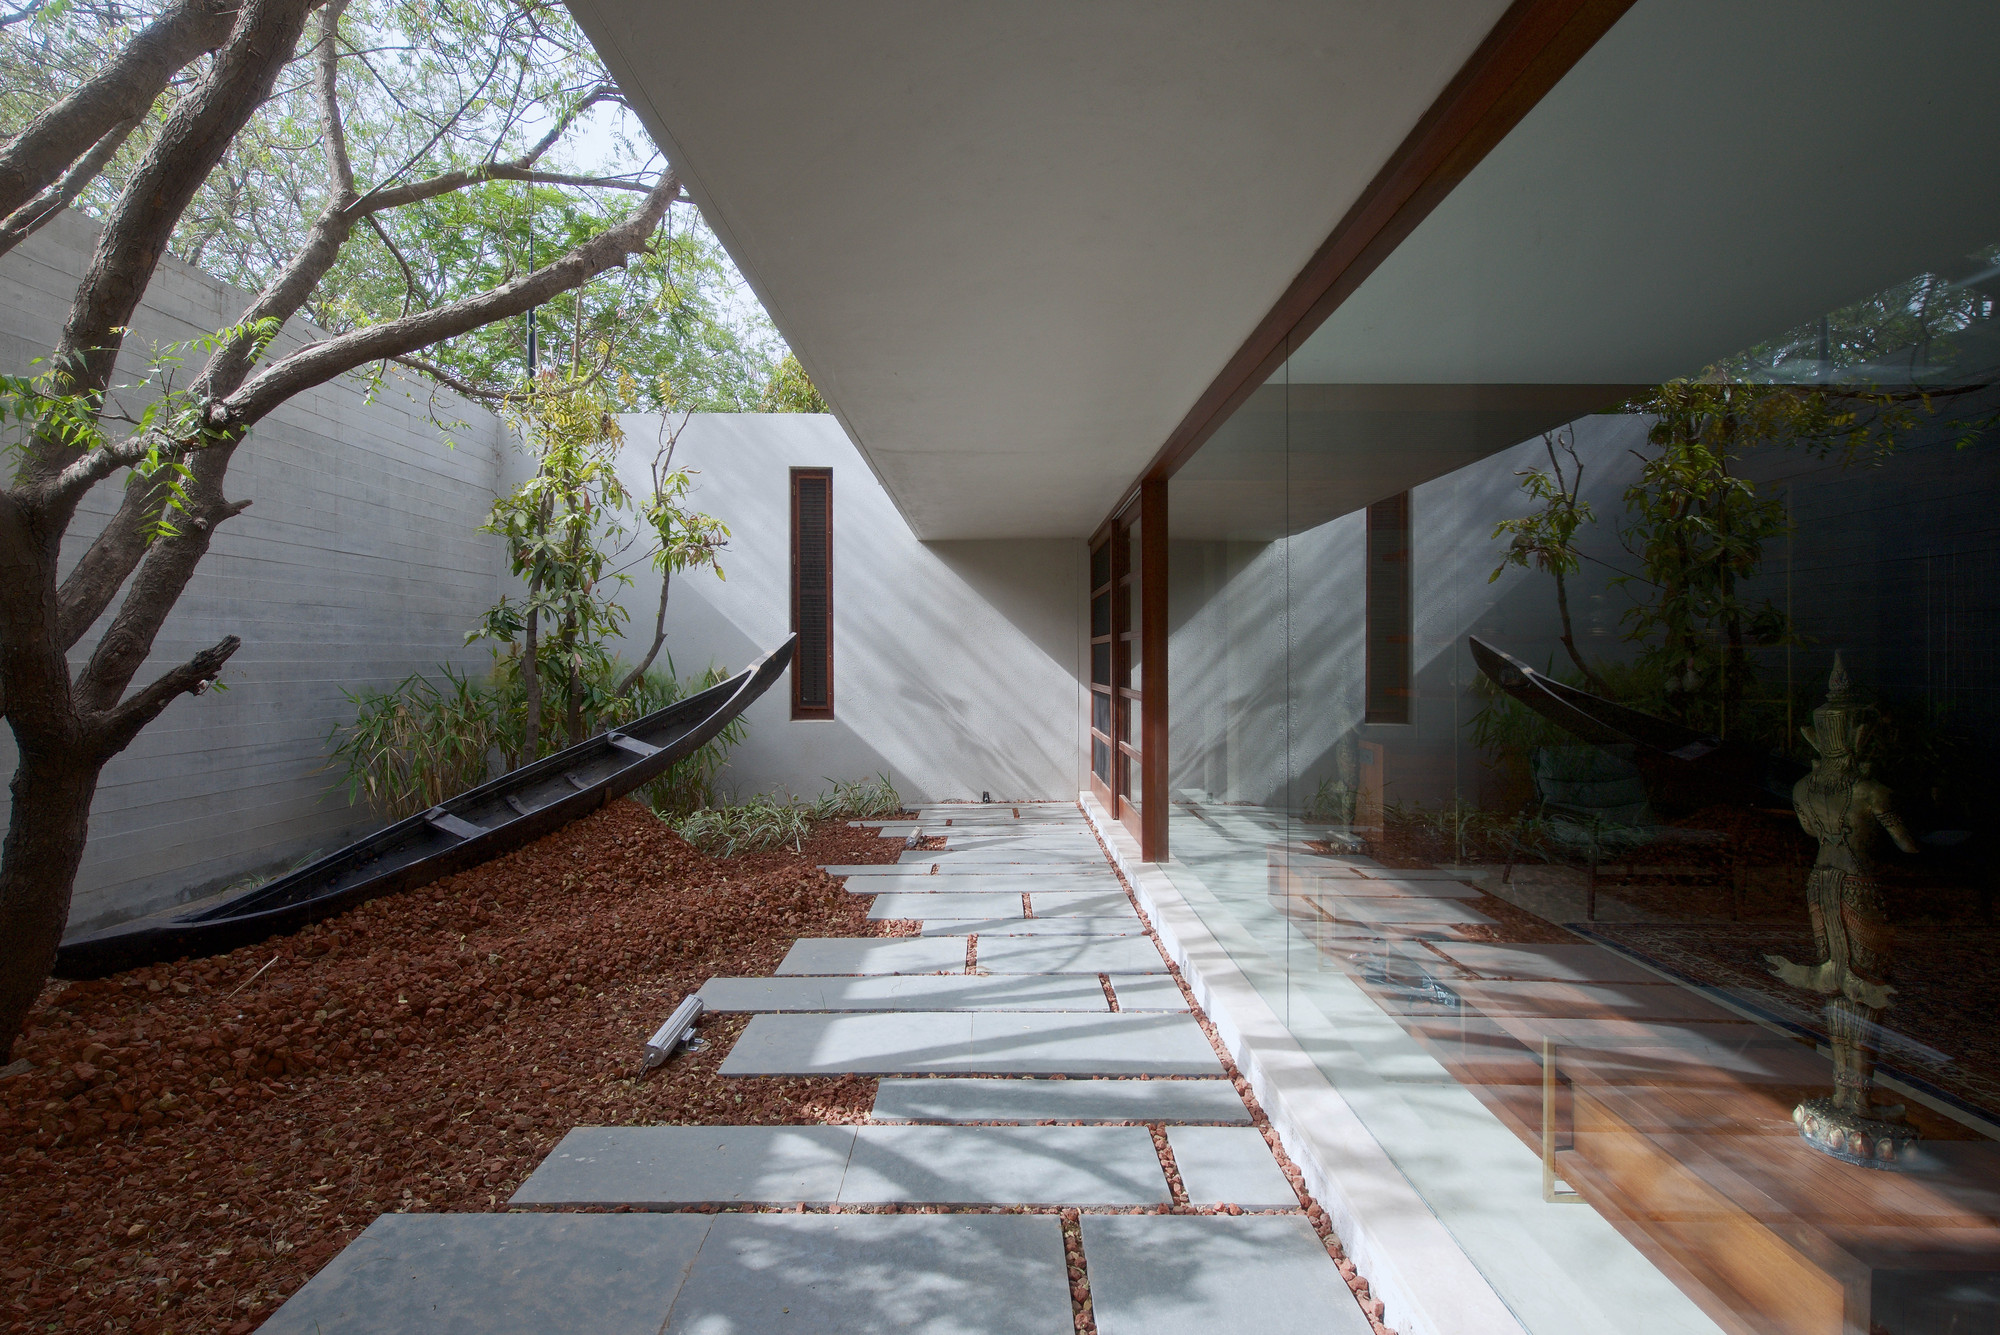 Architects house designers ahmedabad